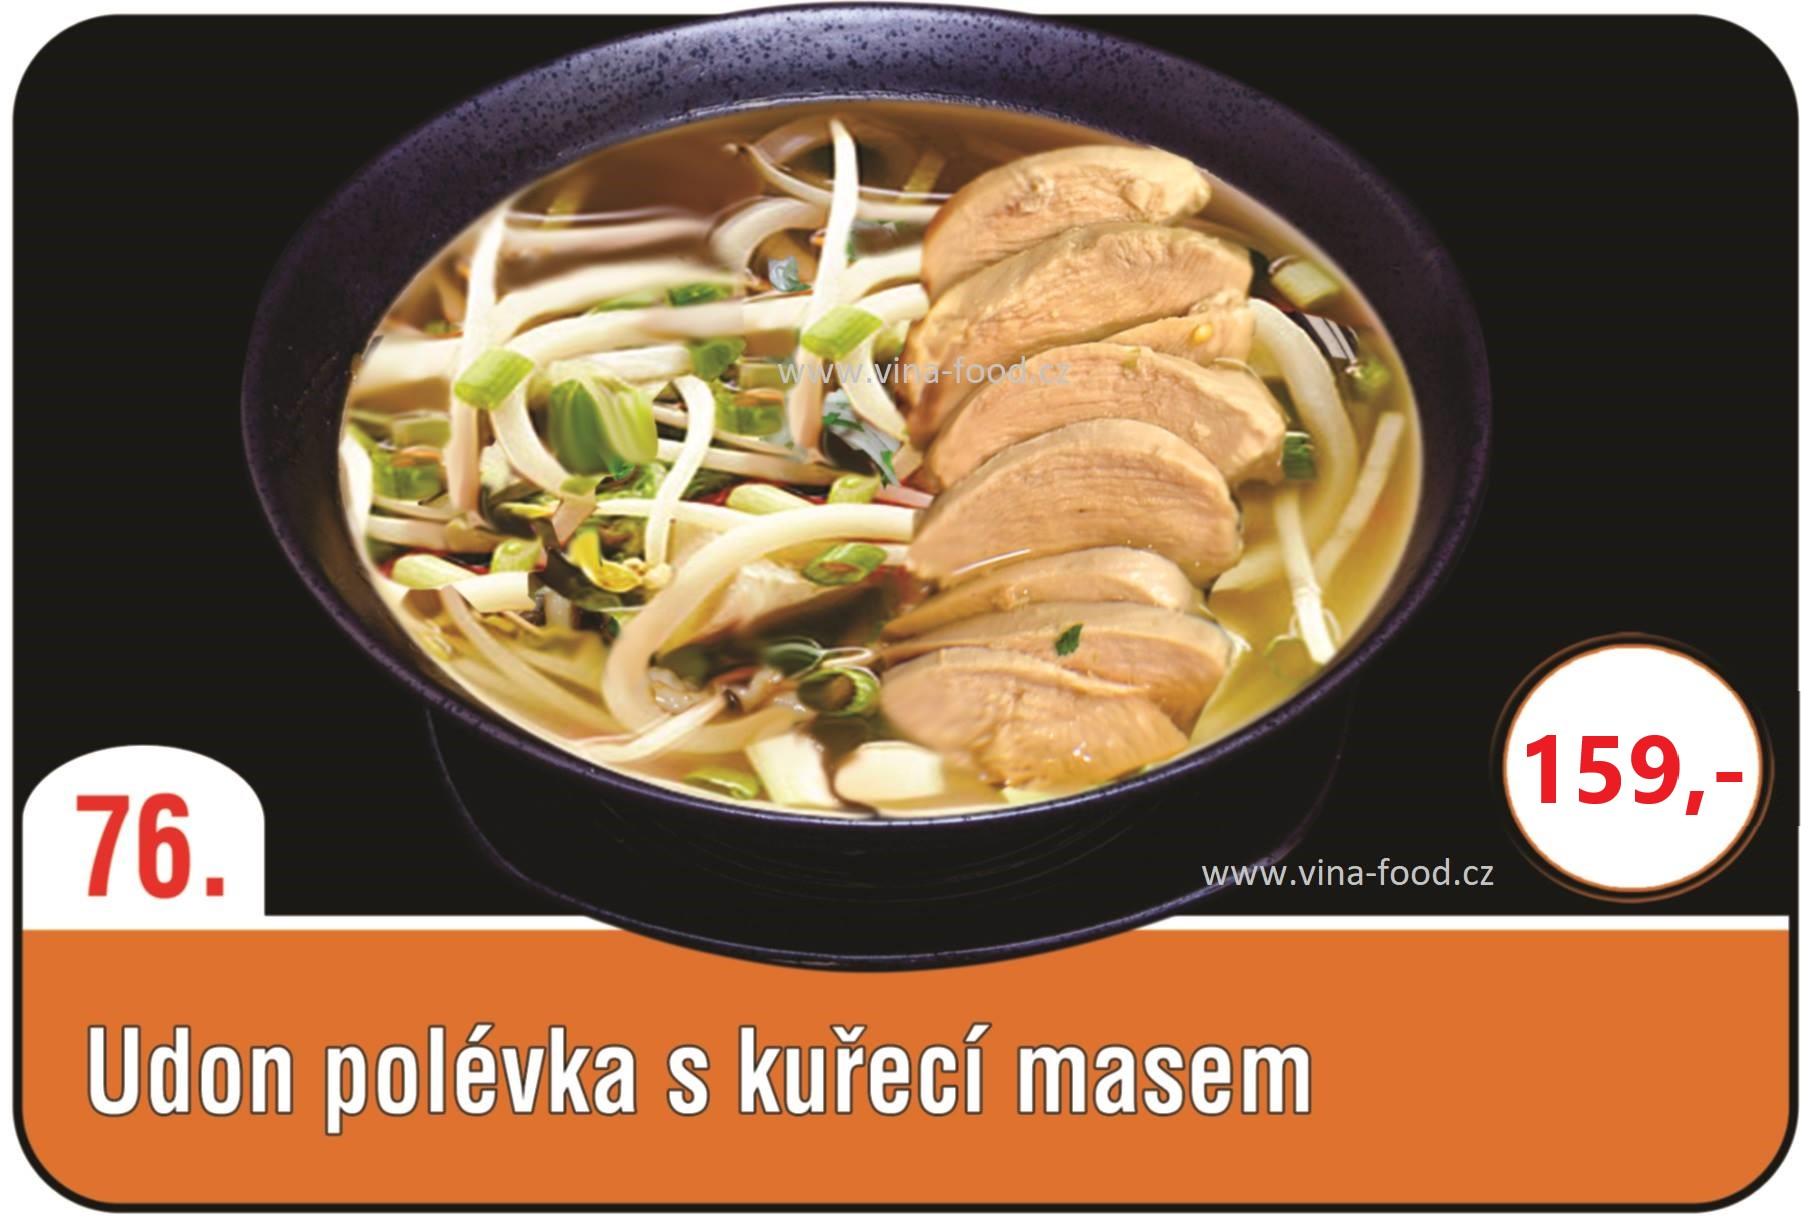 Udon polévka s kuřecí masem